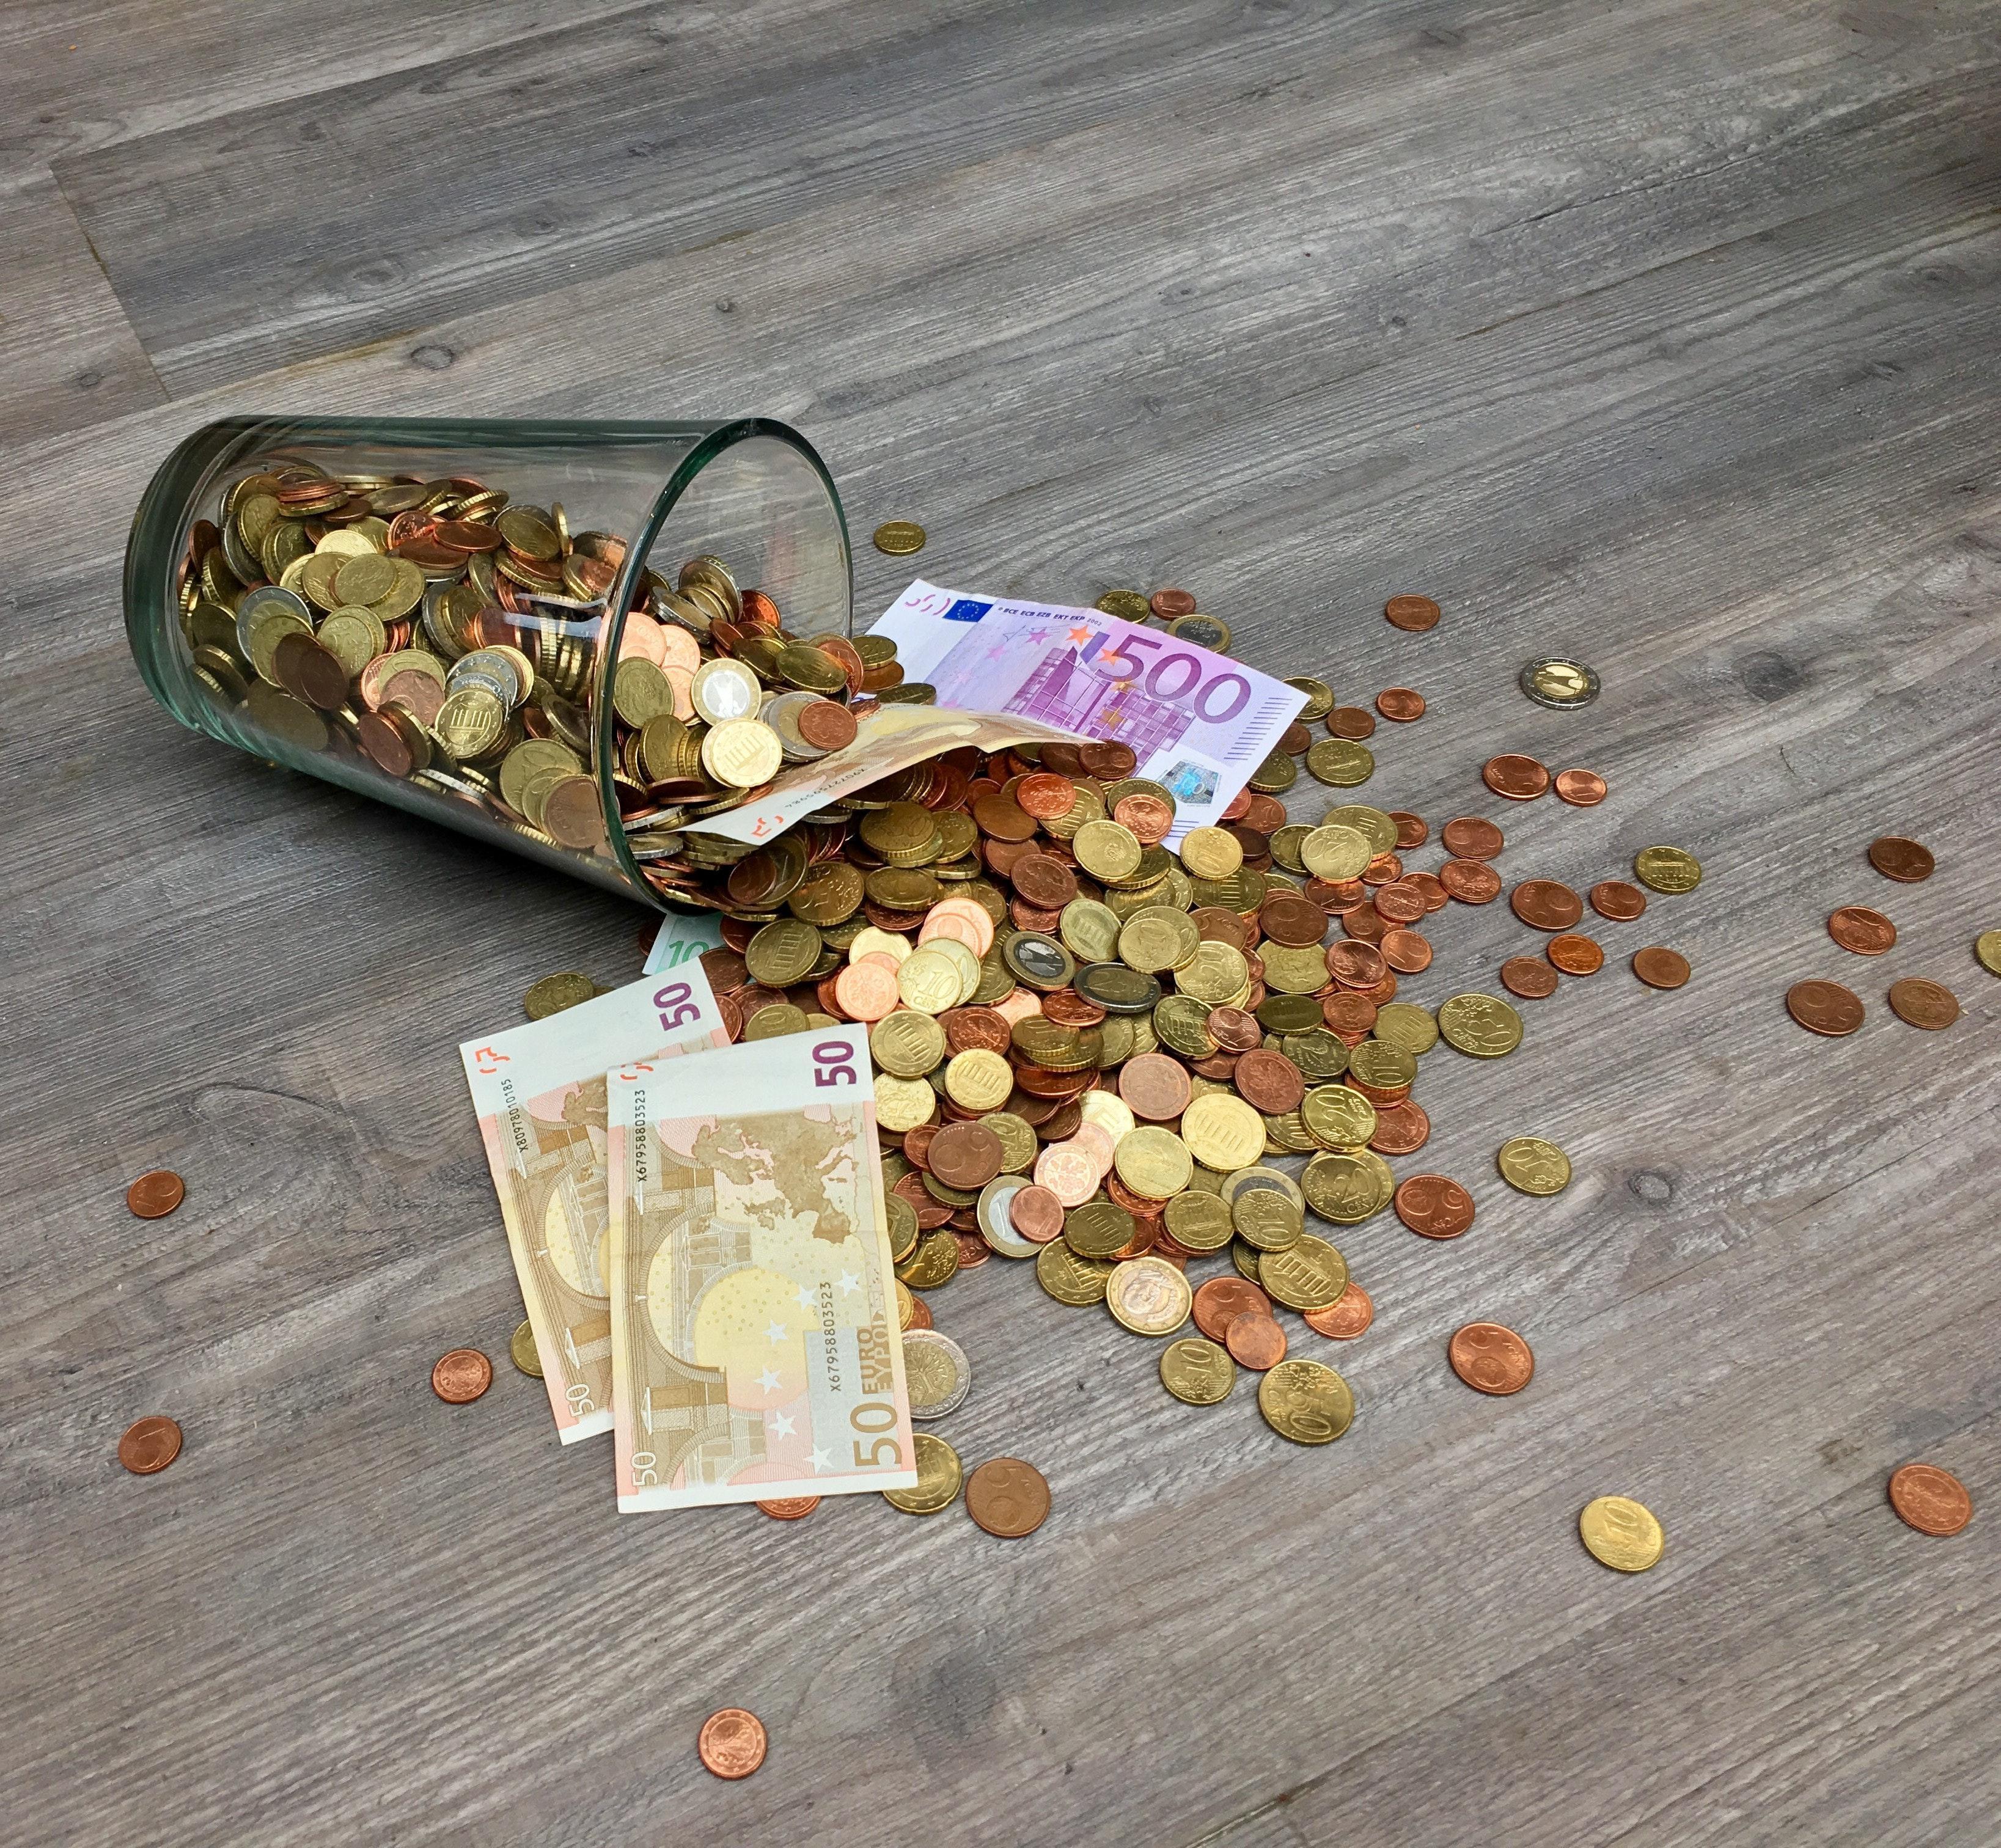 Niet langer mogelijk om geld te storten bij de ING-bank in het centrum van Haarlem; Geldmaat plaatst pas in het najaar een geldstortmachine